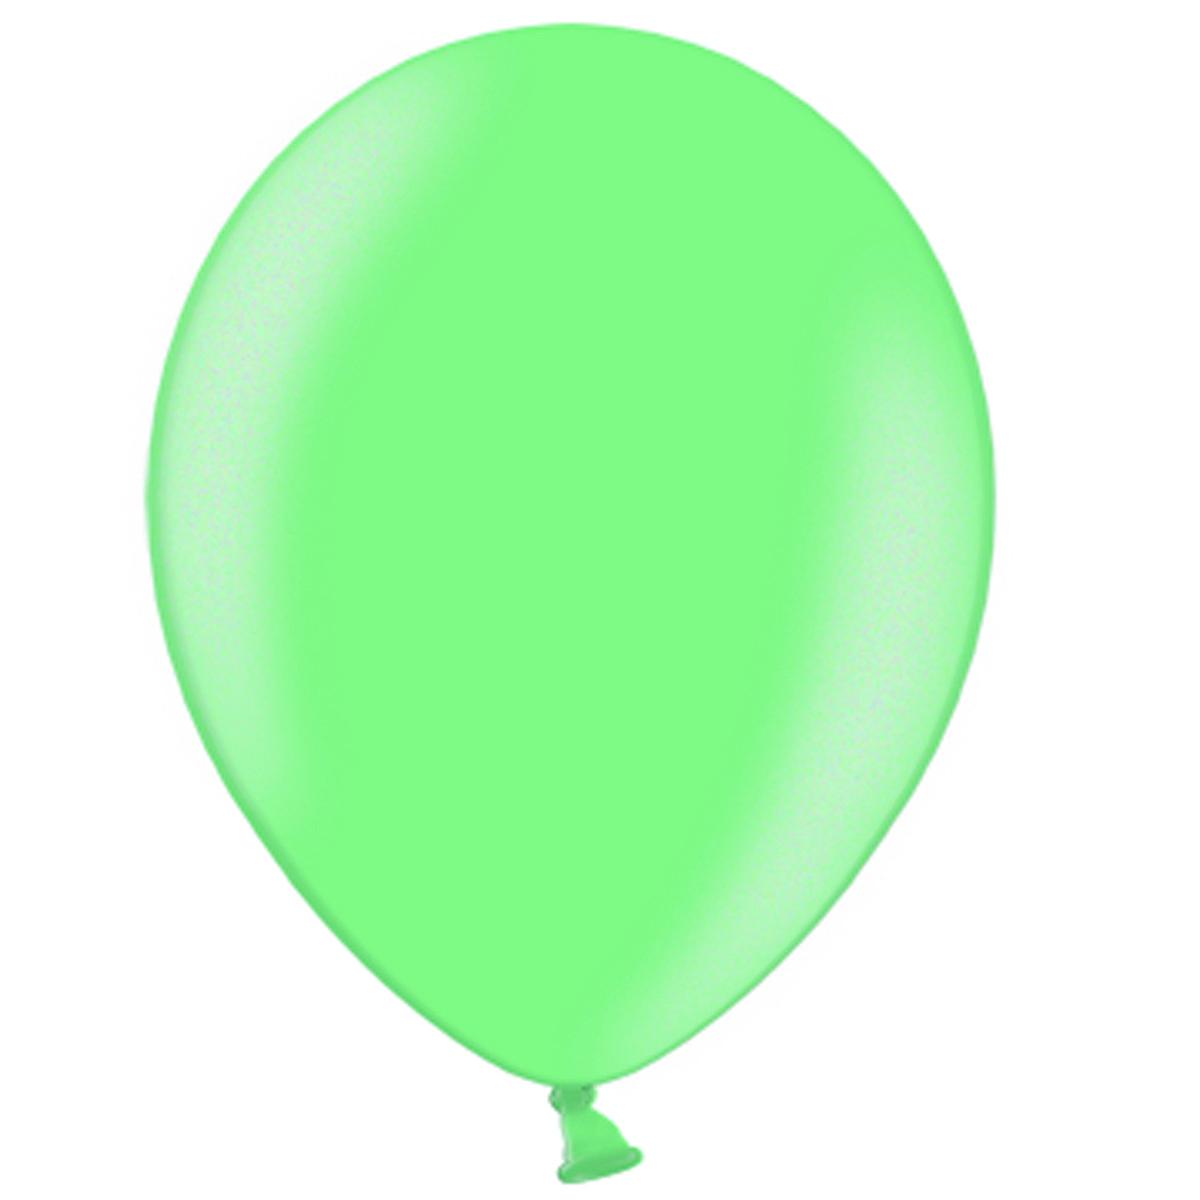 Латексні кулі круглі без малюнка В 85/446 пастель світло-зелений